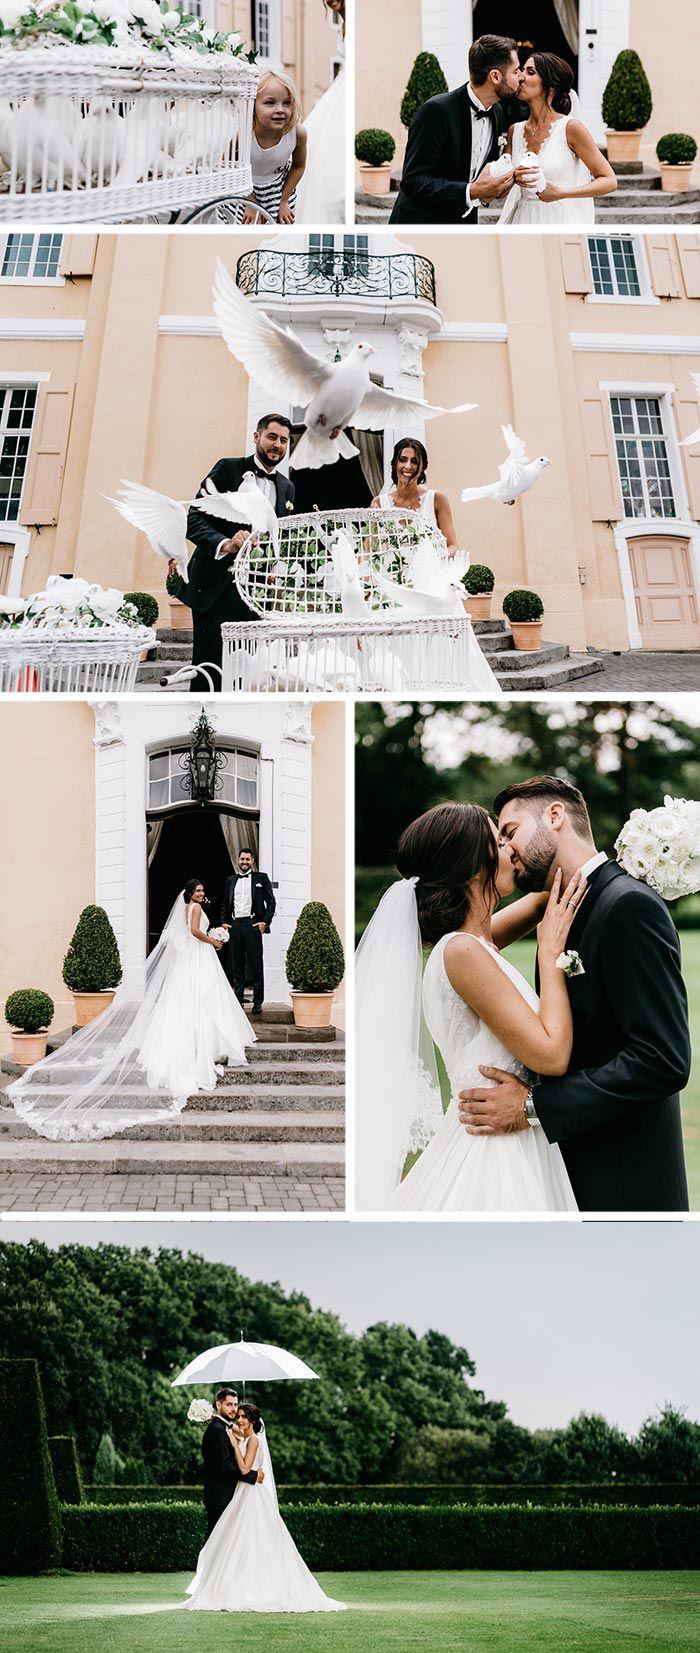 Weisse Hochzeit Im Schloss Miel I Fotostory Zur Hochzeit Weisse Hochzeit Hochzeit Tauben Hochzeit